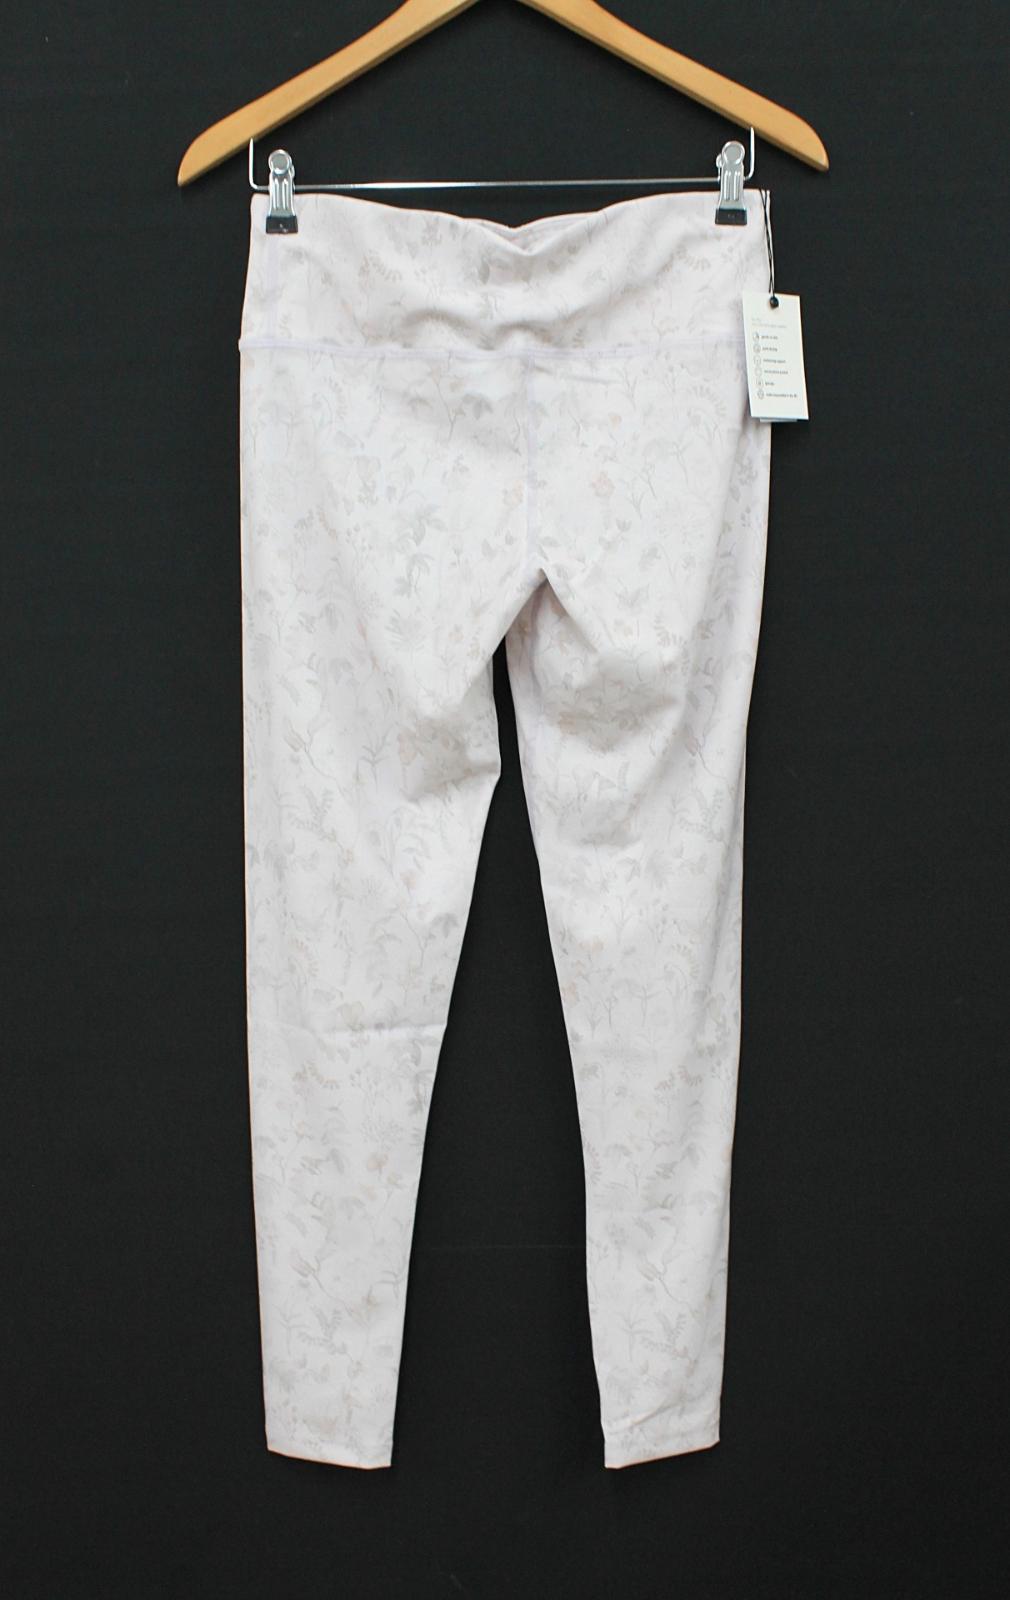 HARVEY & MILLS Ladies Secret Garden Pink & Nude Leggings Size M UK10-12 NEW 3